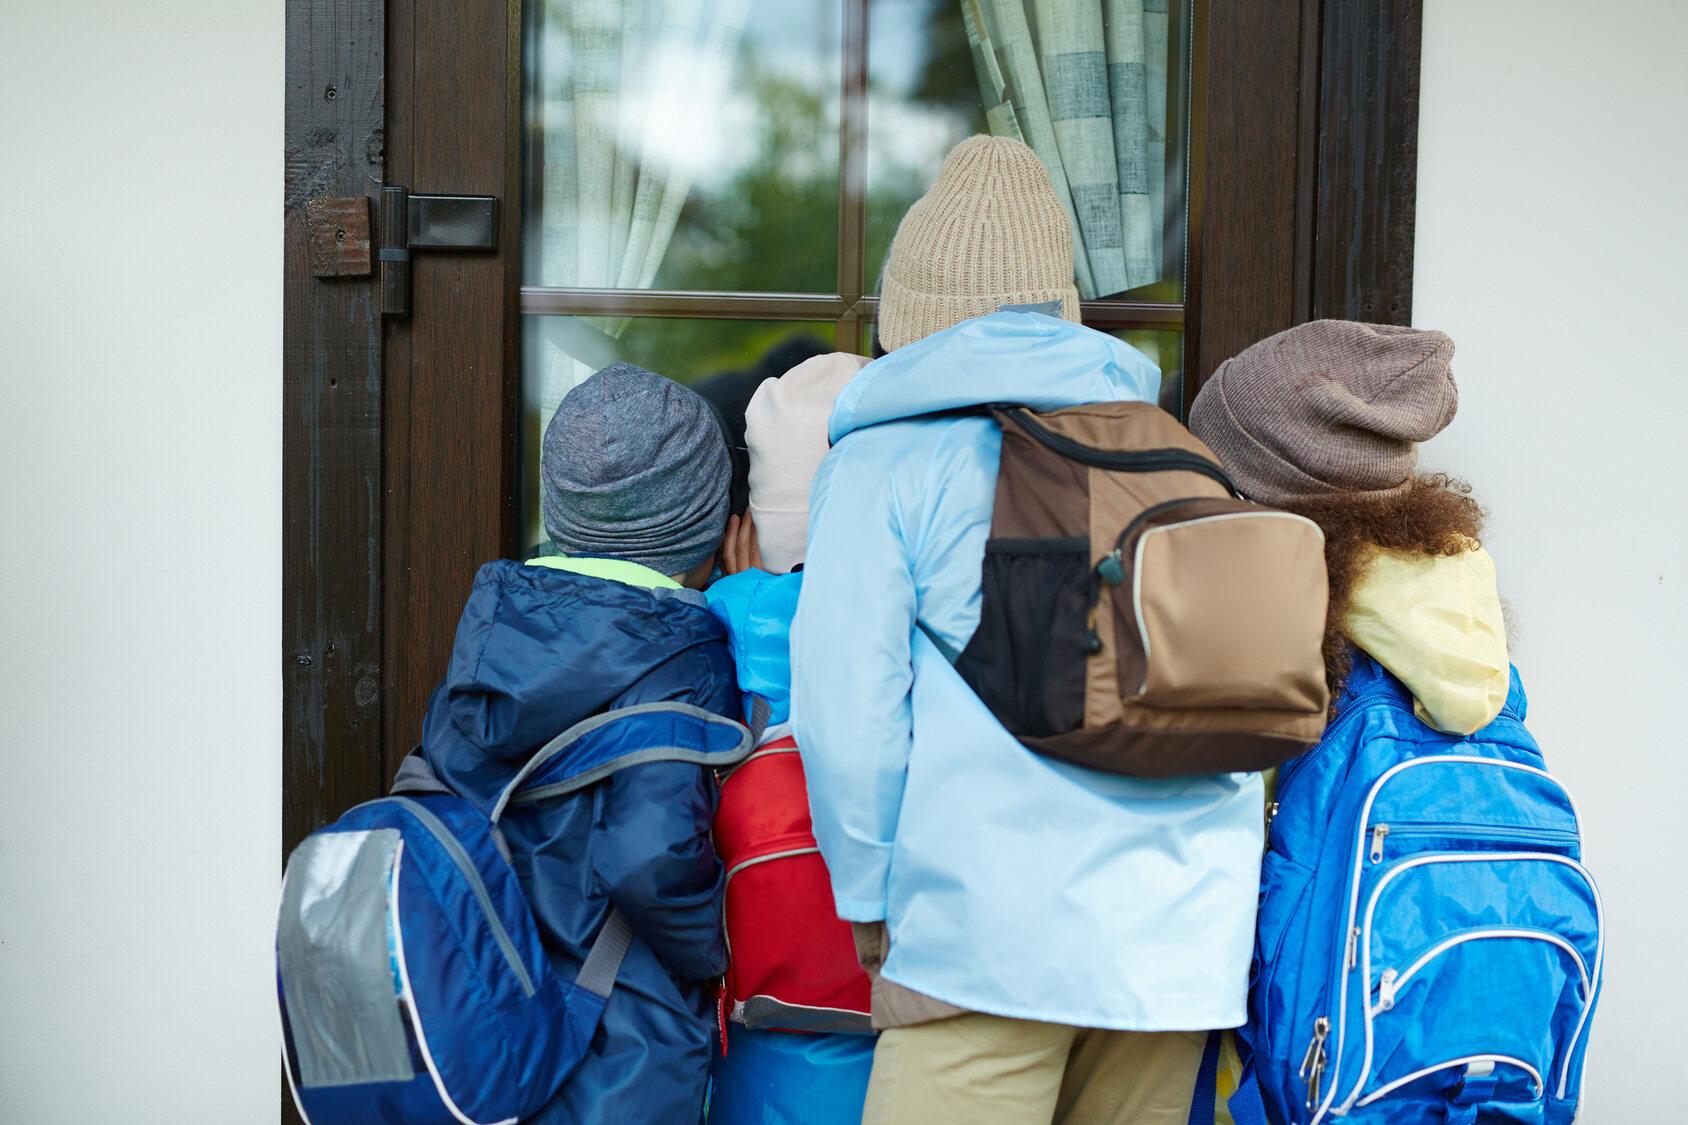 Uczniowie. Zdjęcie ilustracyjne